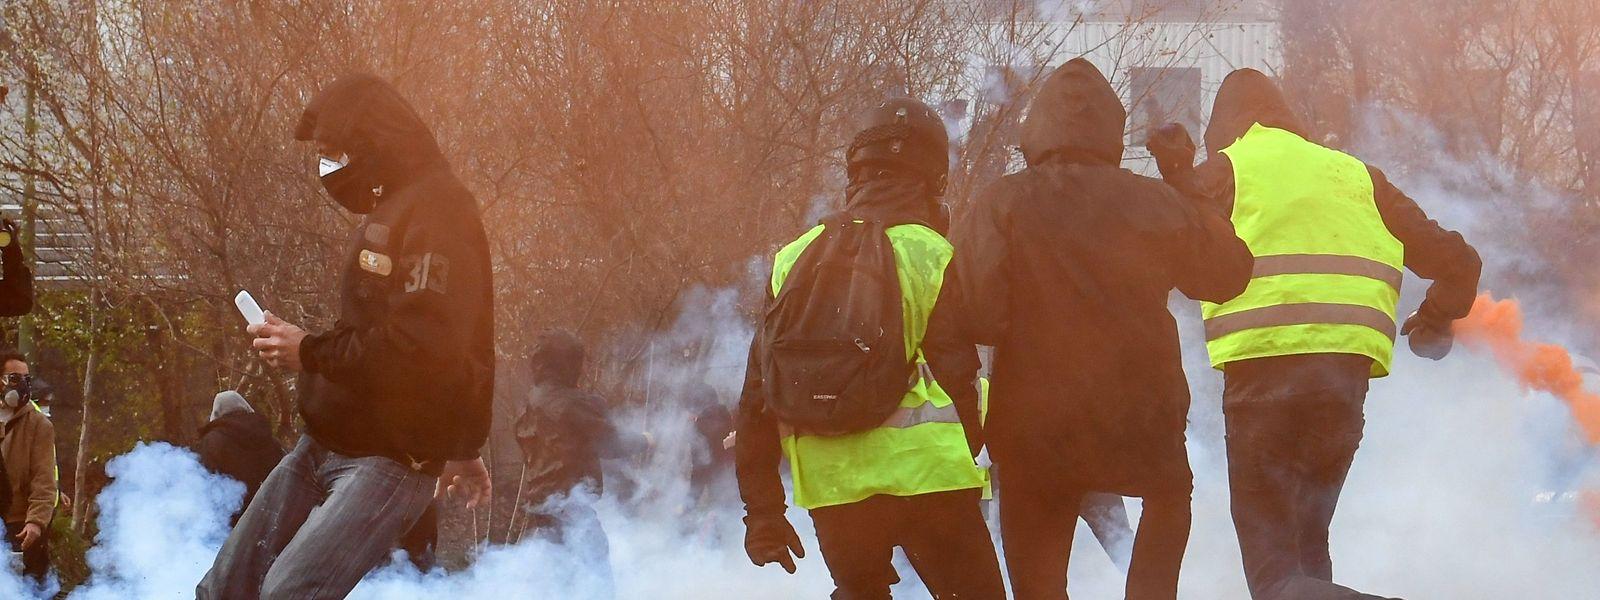 Teilnehmer an den Protesten in Nantes versuchen, dem Tränengas zu entkommen.